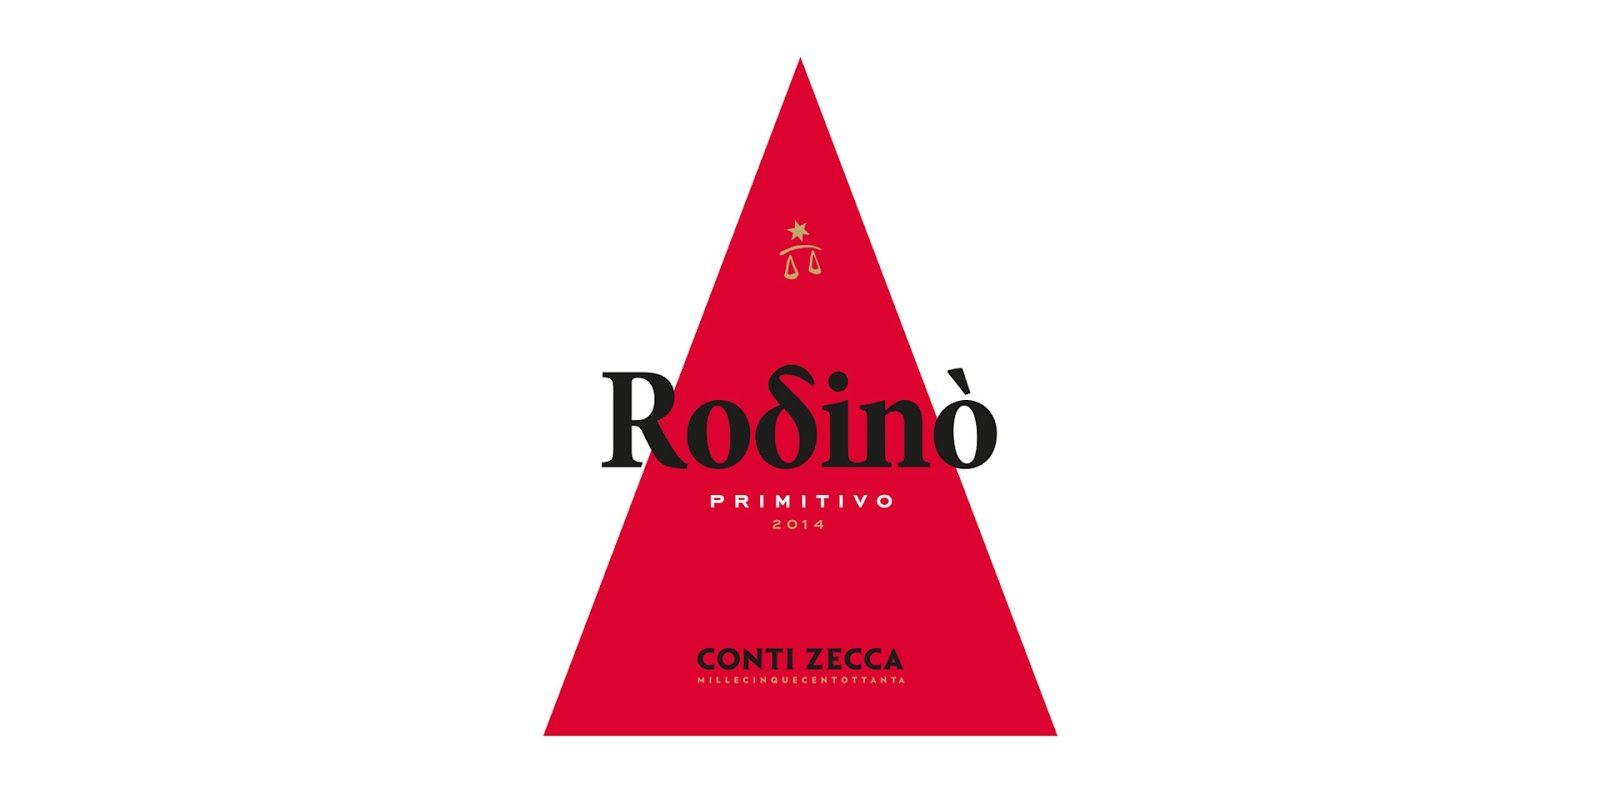 Rodino Conti Zecca Wine Label Creative Packaging Design Labels